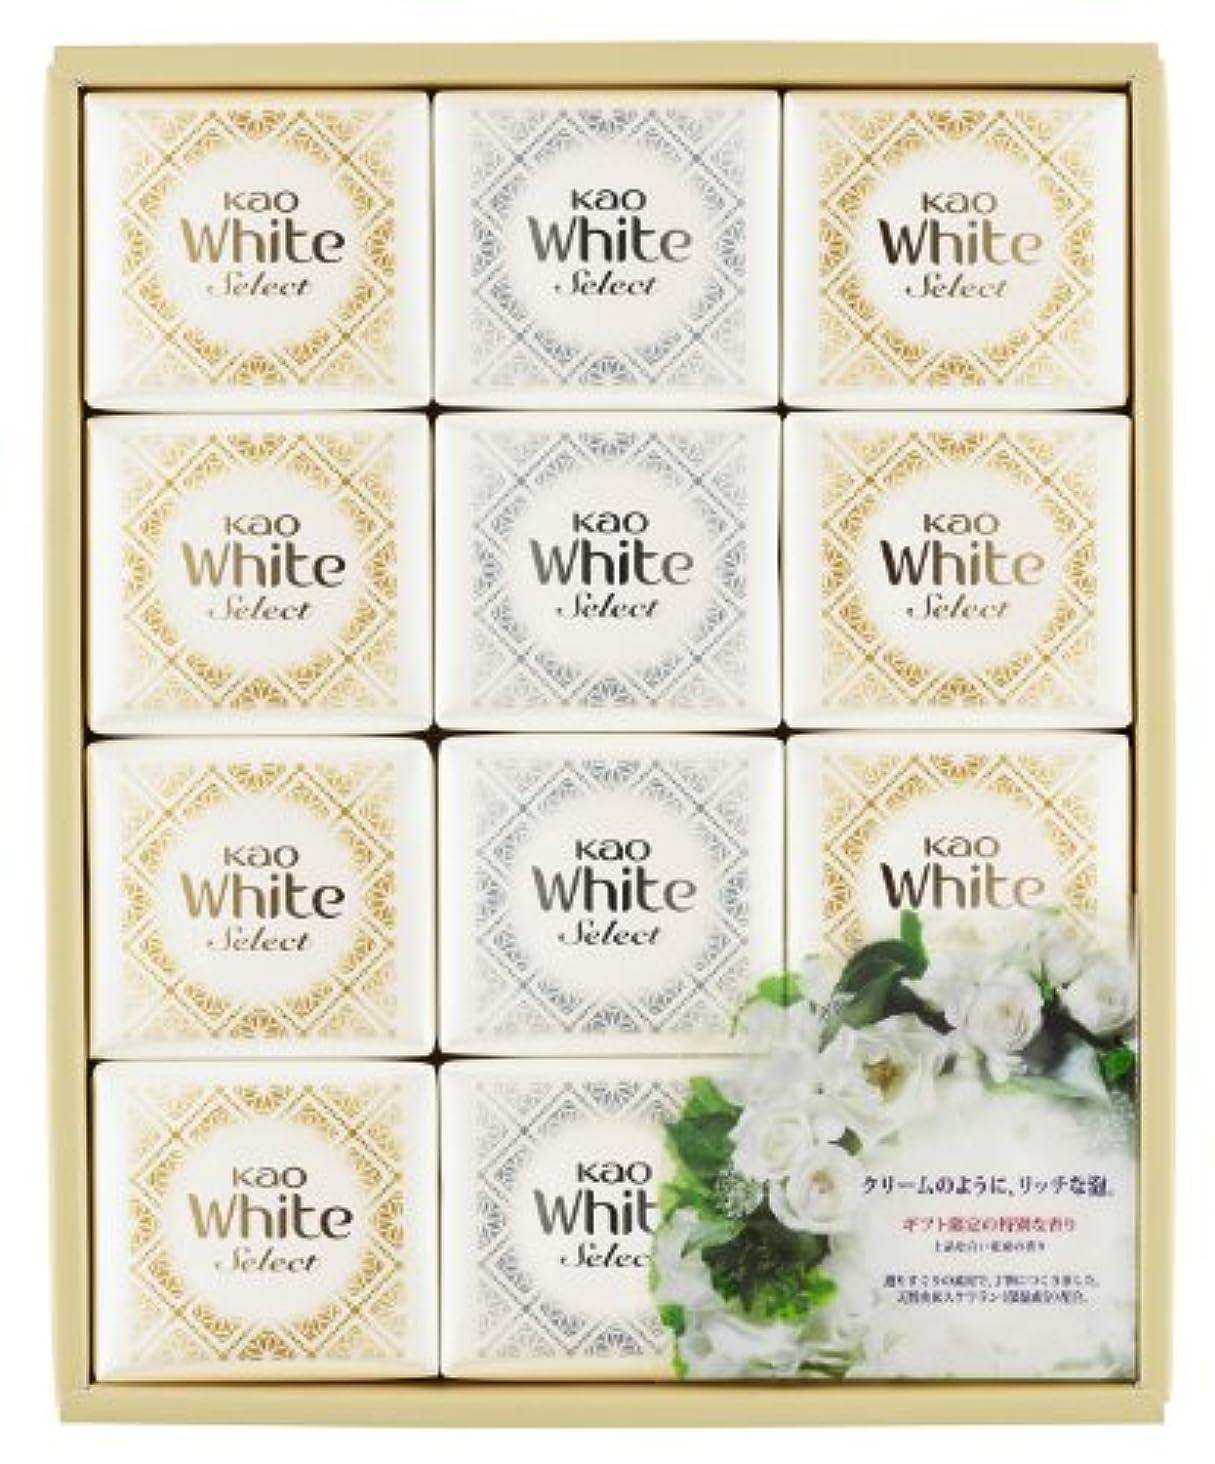 ペニーミニチュア素晴らしき花王ホワイト セレクト 上品な白い花束の香り 85g 12コ K?WS-20